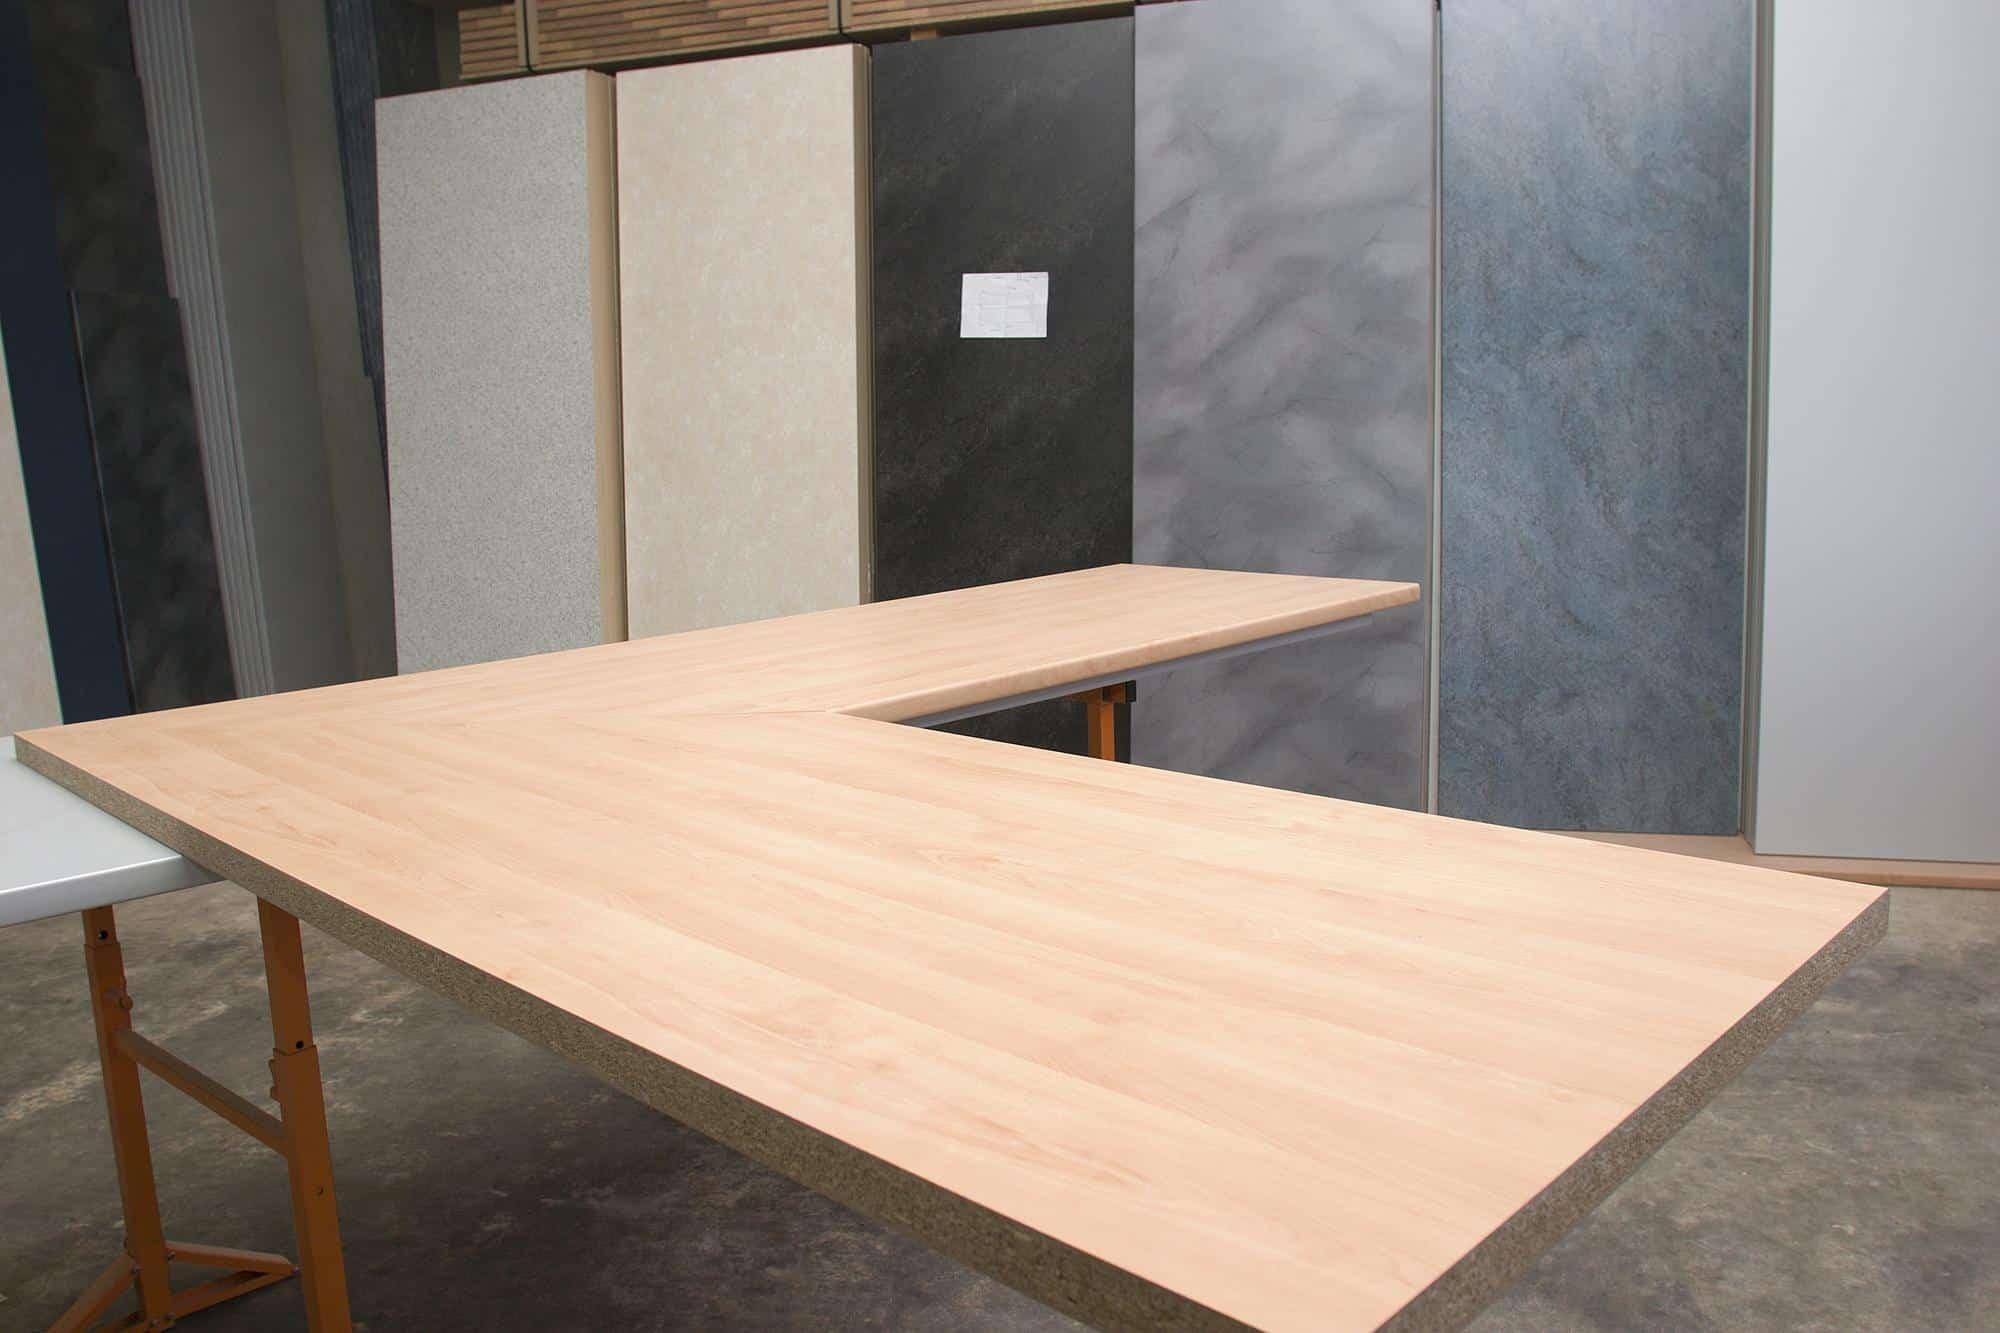 schreibtischplatten arbeits platten paradies thomas. Black Bedroom Furniture Sets. Home Design Ideas